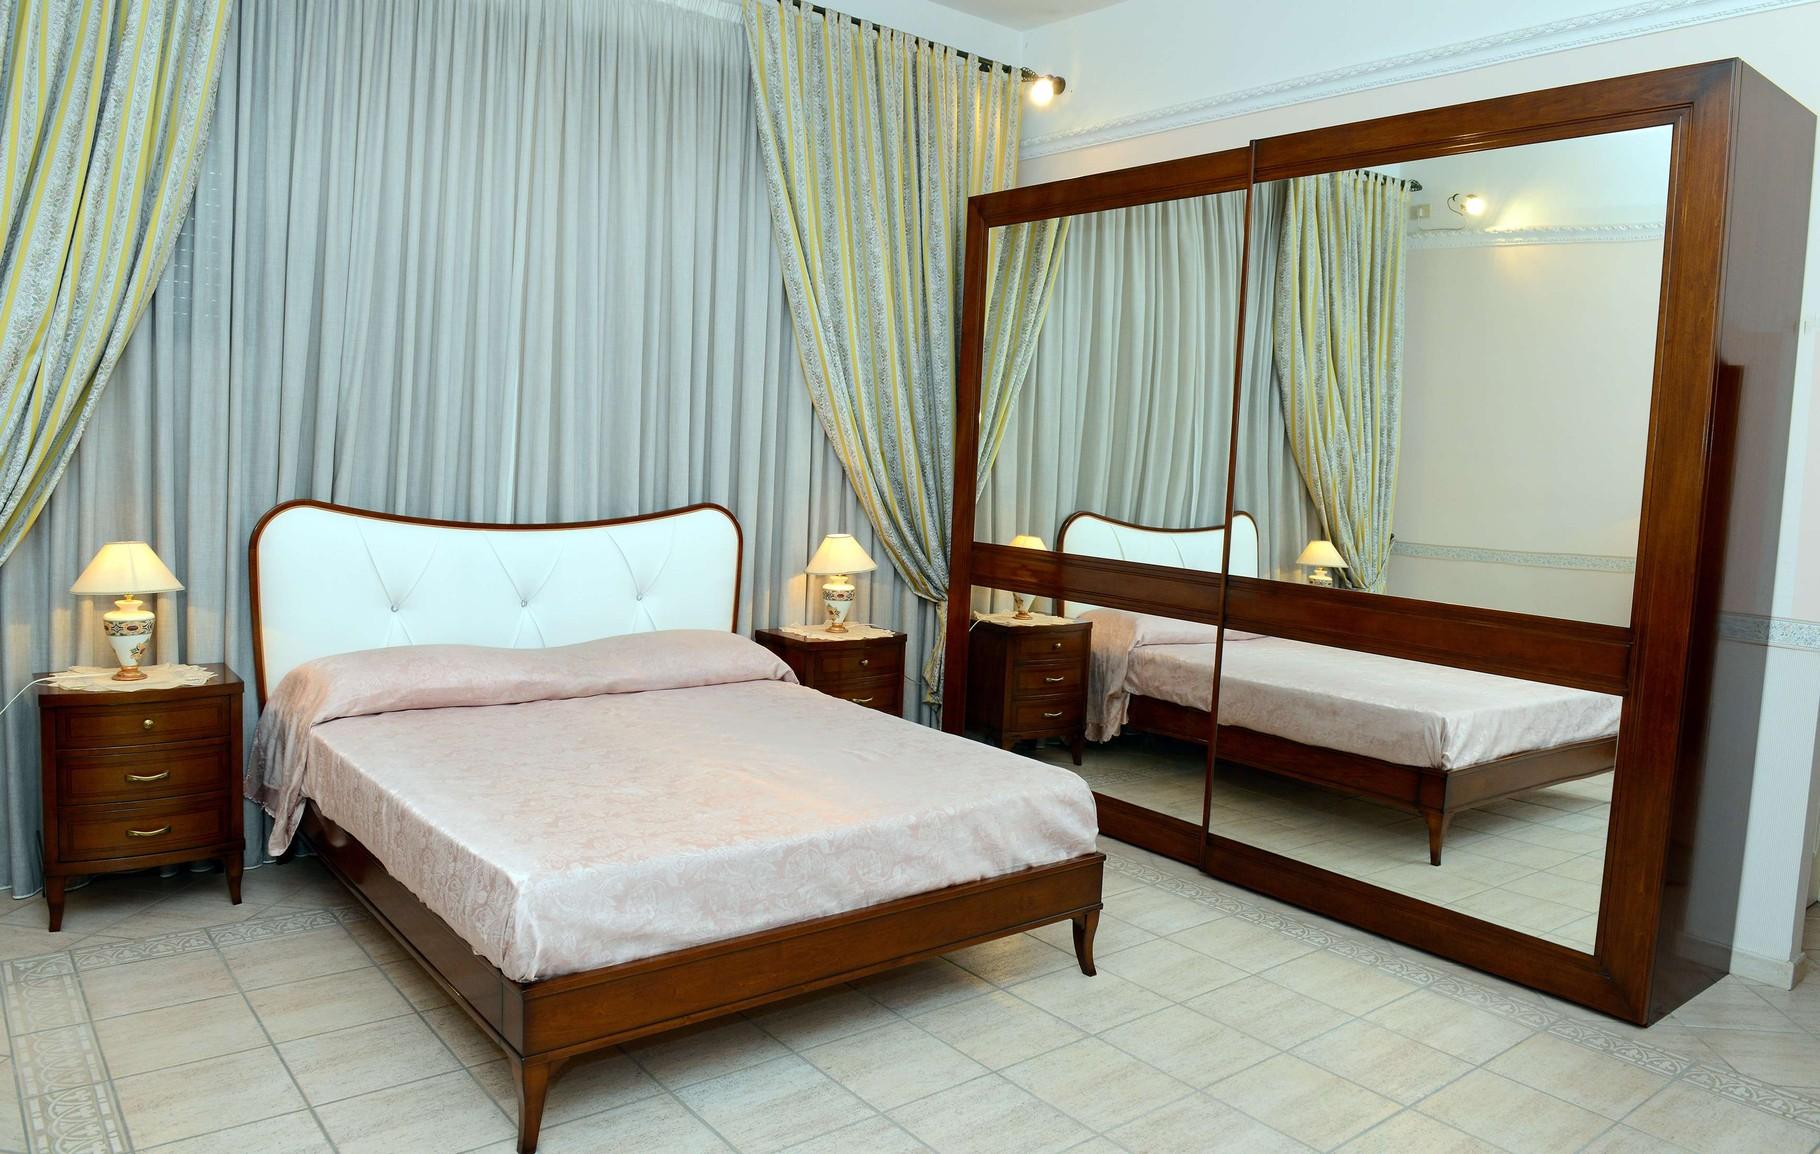 Camera da letto le fablier mobili casillo castellammare - Mobili fablier camere da letto ...